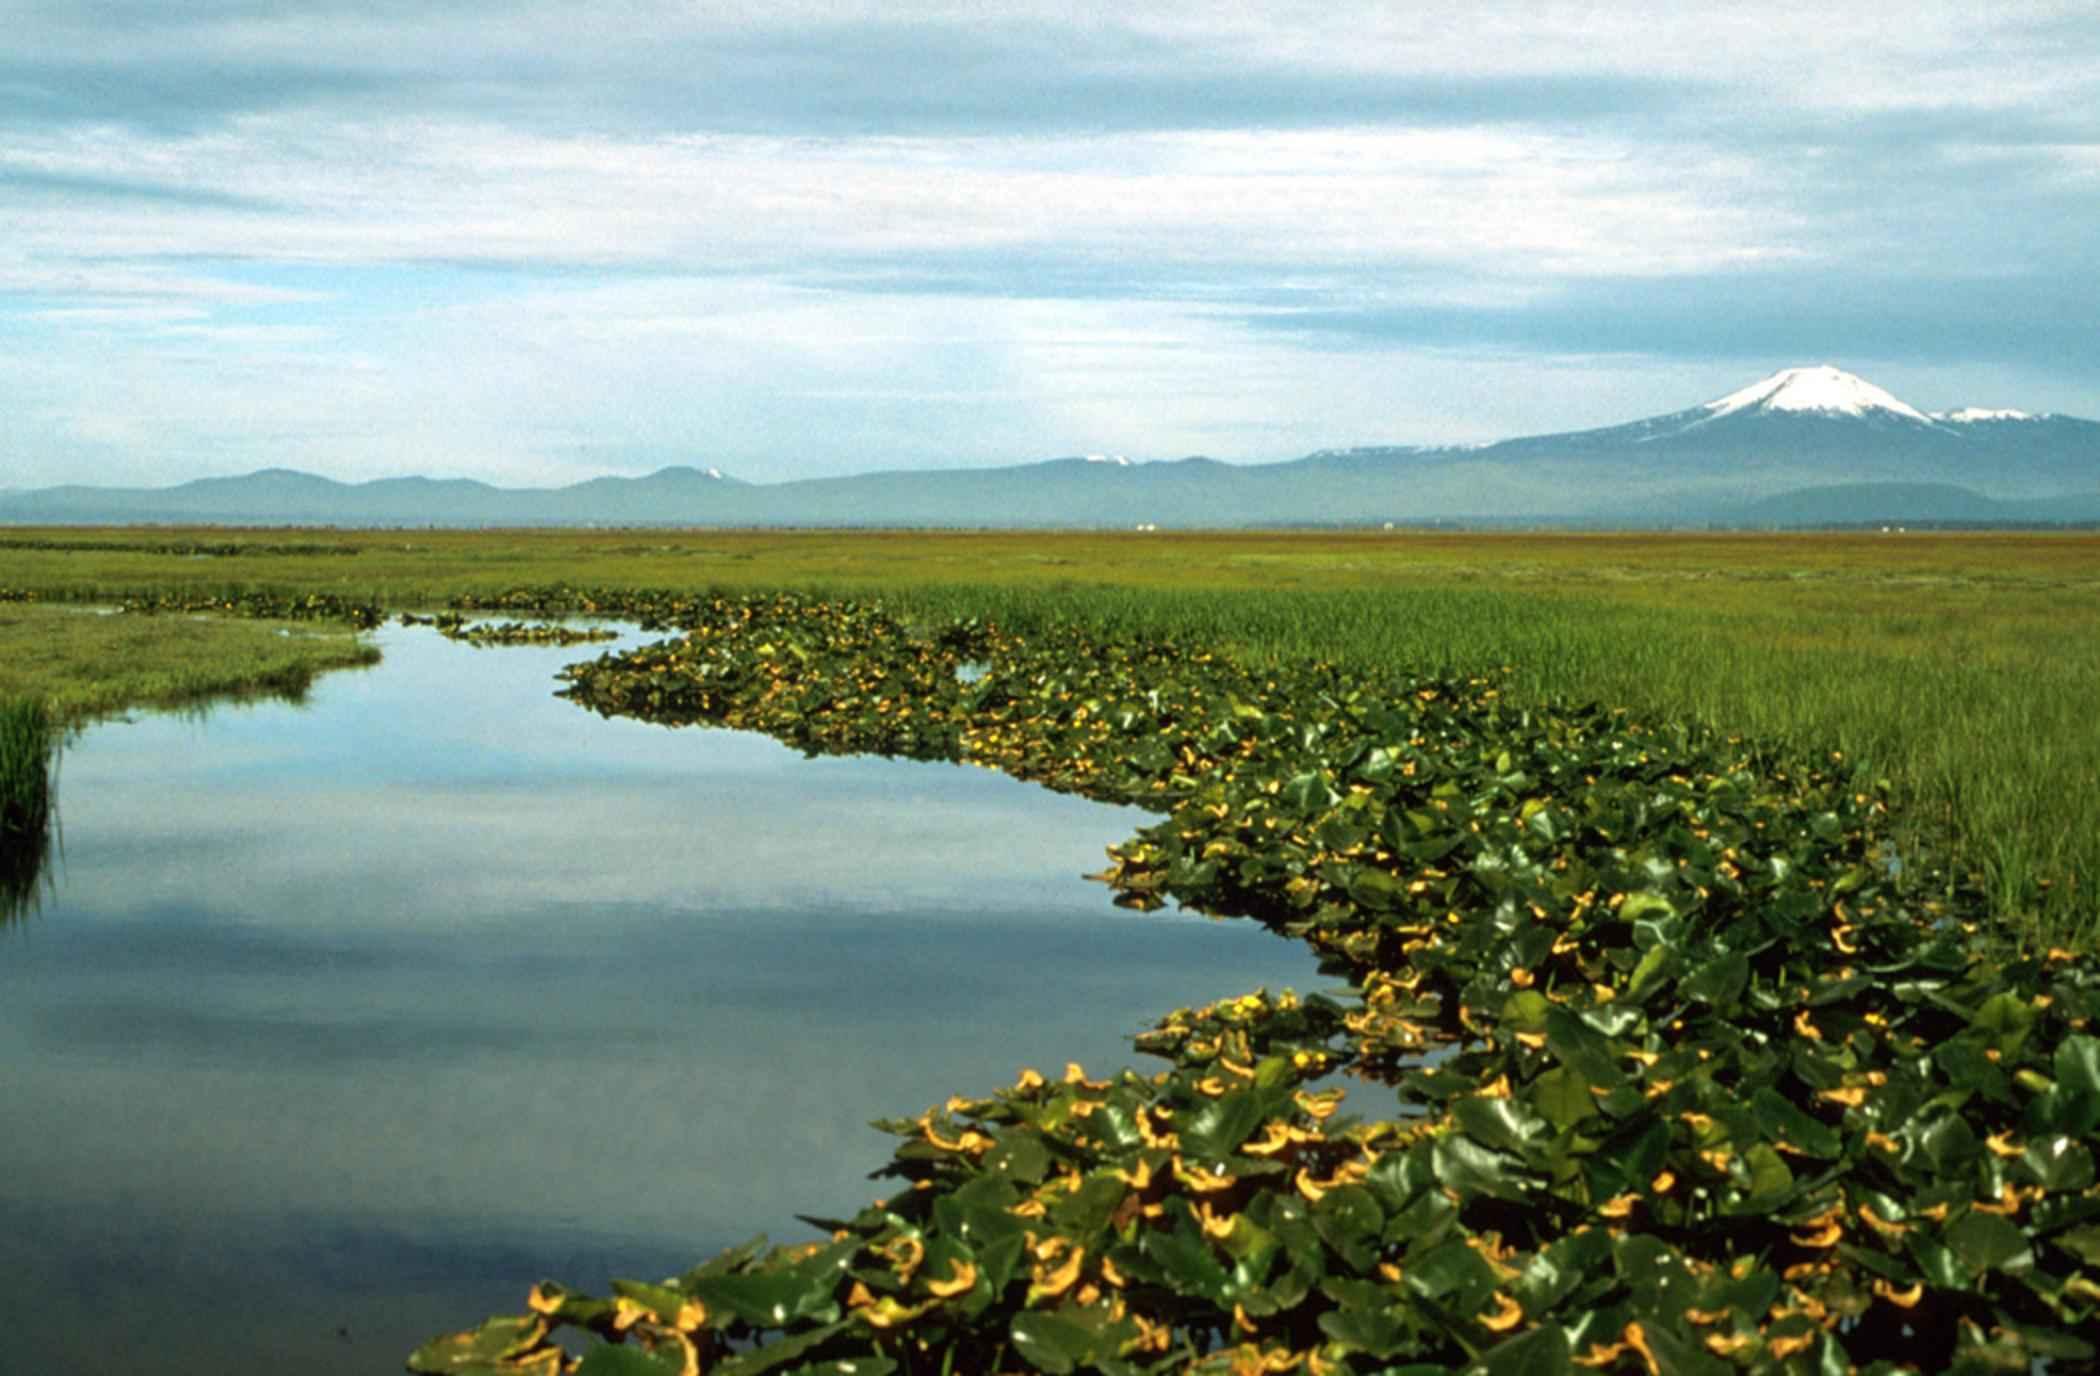 картинки водно-болотных угодий удивитесь, там есть